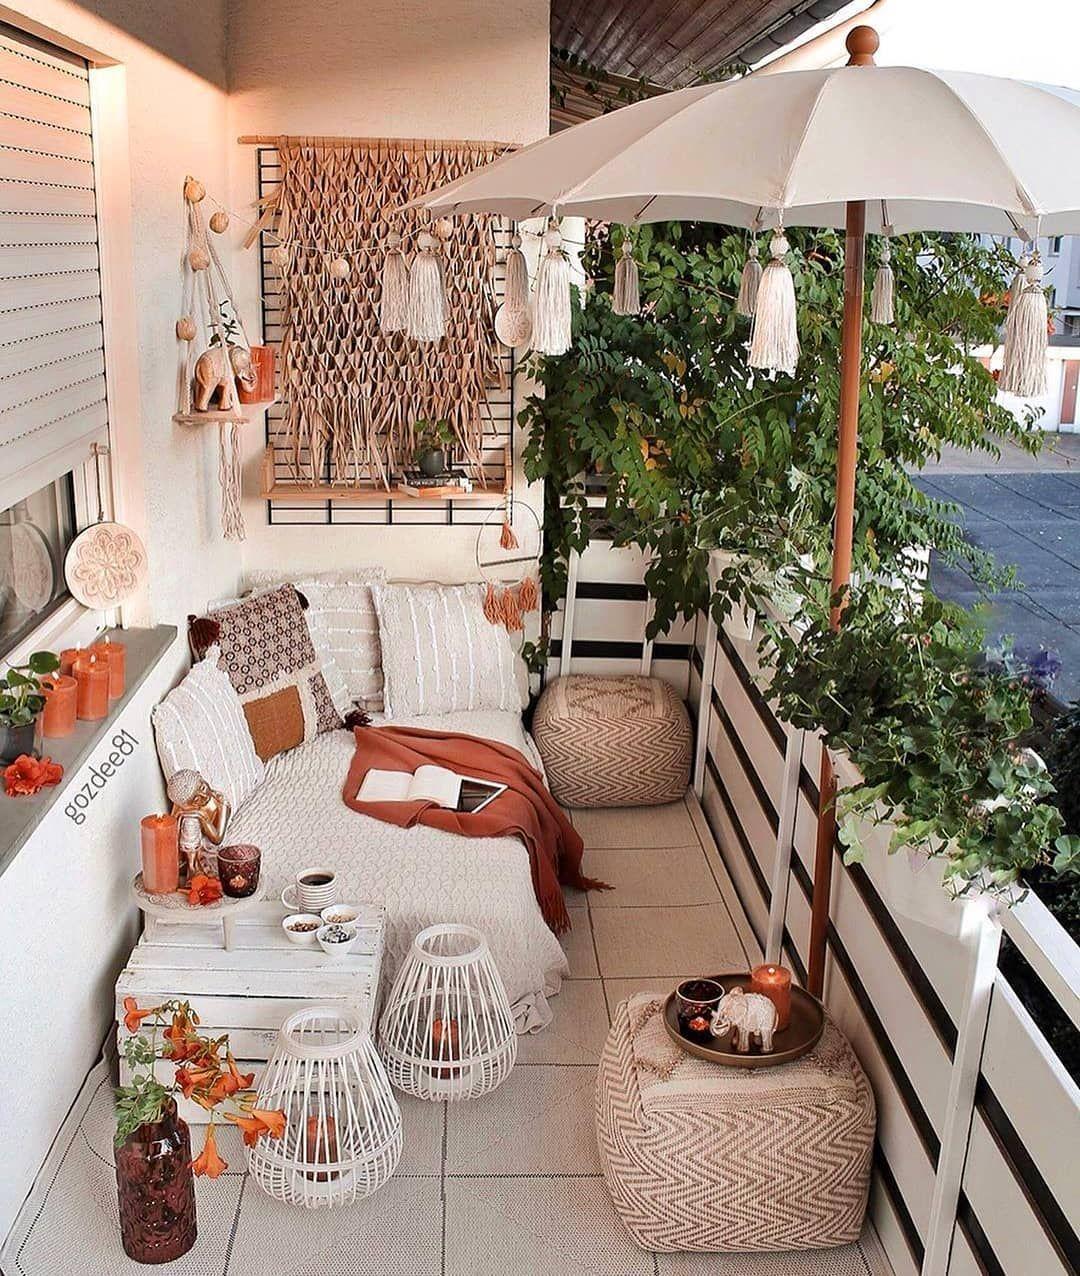 . #Autumn #balcony #balconydecor #decoración de paredes de balcones #gorg #gozdee81 #Instagram #interioryesplz #lovelyhome #outdoordecor #Photo #ready #seasonaldecor #𝐈𝐧𝐭𝐞𝐫𝐢𝐨𝐫𝐲𝐞𝐬𝐩𝐥𝐳